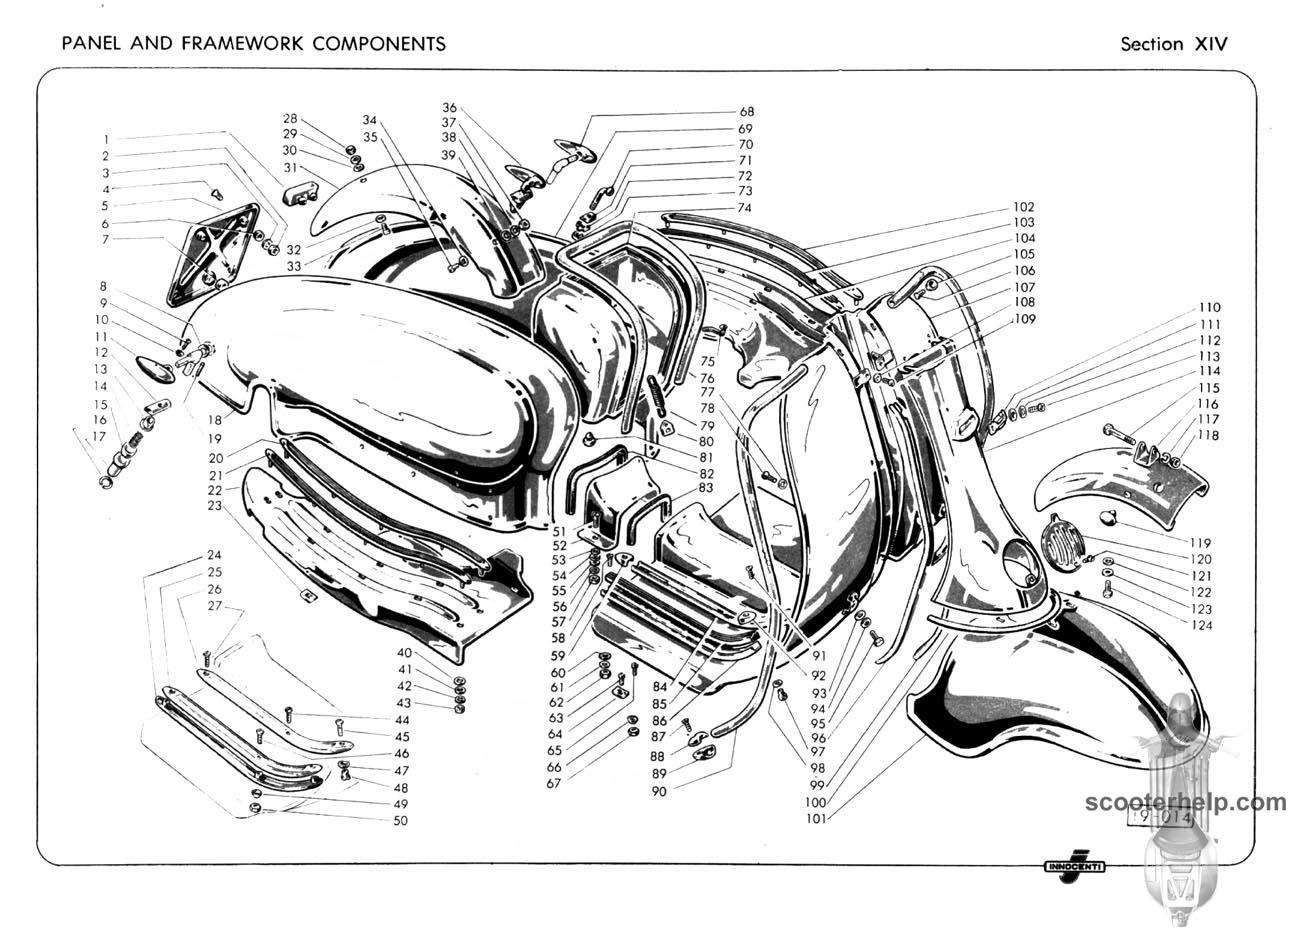 Lambretta Li125, Li150, TV175 Series II Parts Book